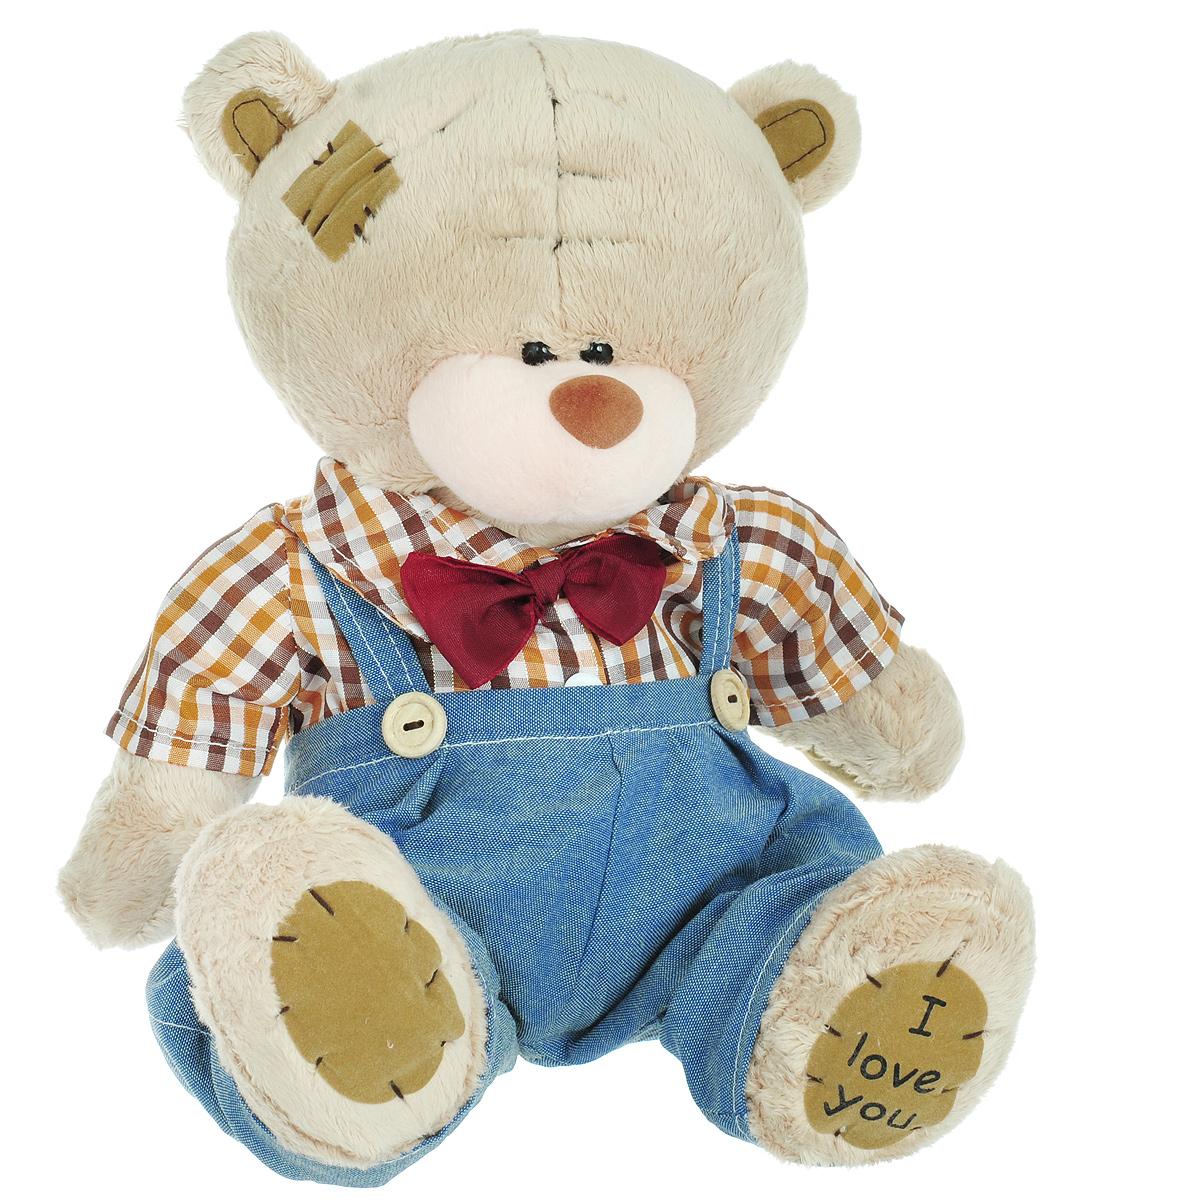 лучшие медвежонок в штанишках фото собрали